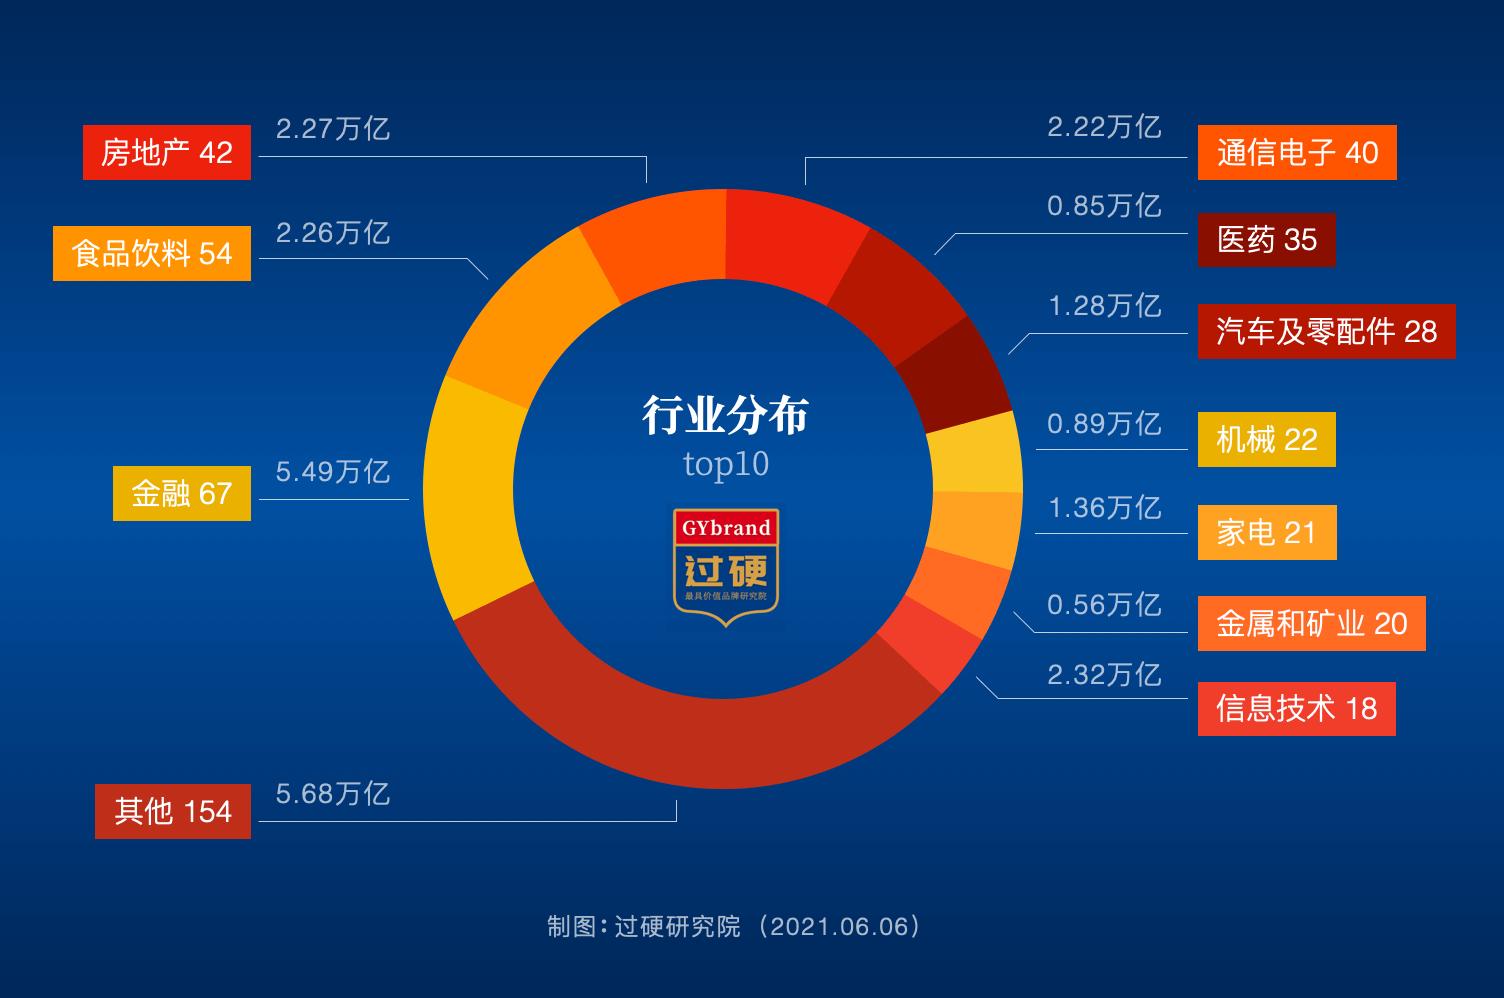 2021中国最具价值品牌所在行业分布